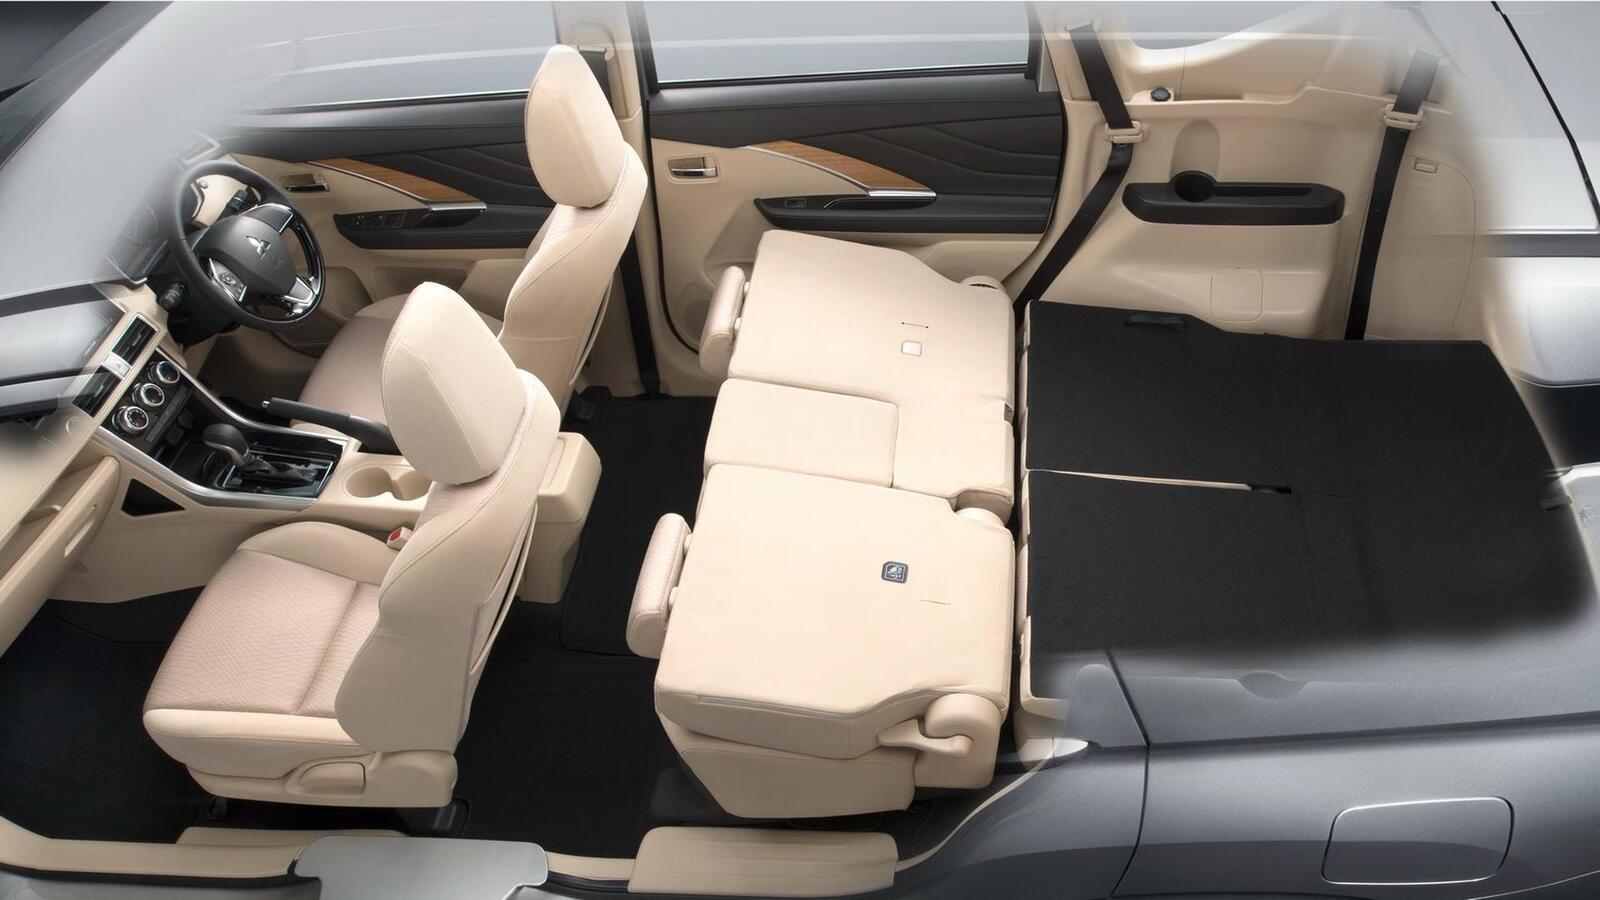 Rò rỉ hình ảnh Mitsubishi Xpander 2018 chạy thử tại Việt Nam - Hình 9